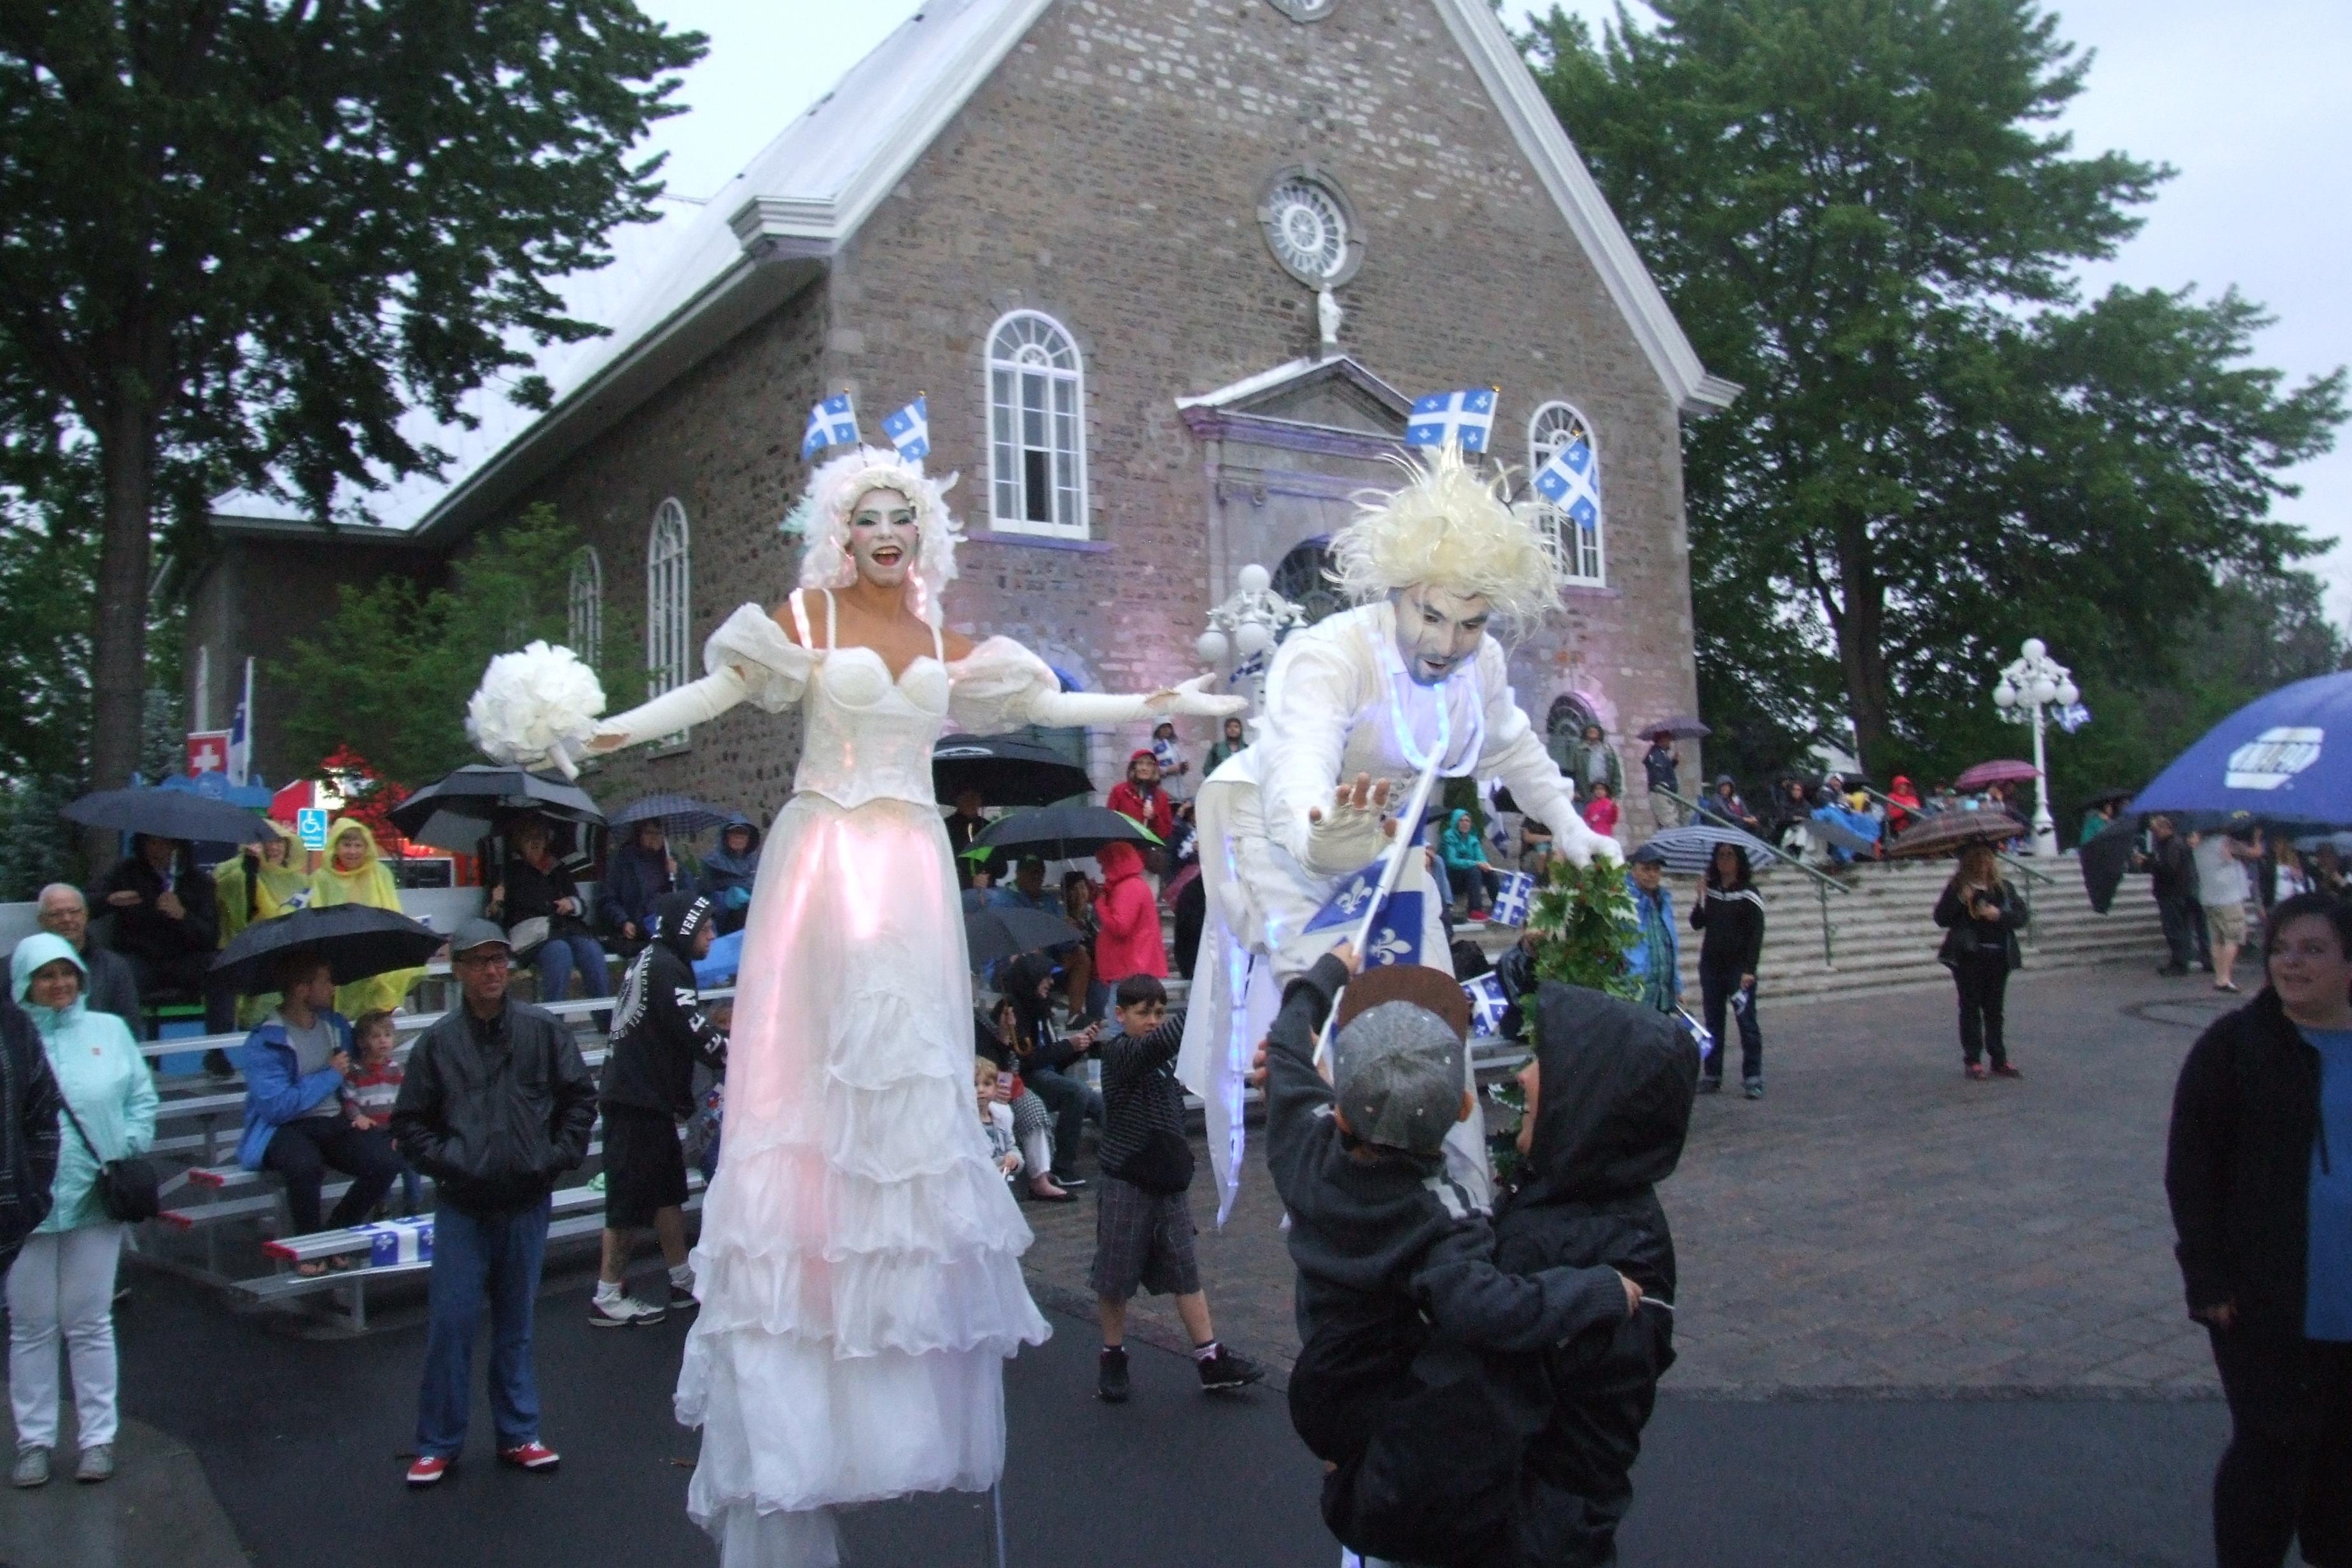 La Fête nationale prend une allure festive malgré la pluie à Boucherville